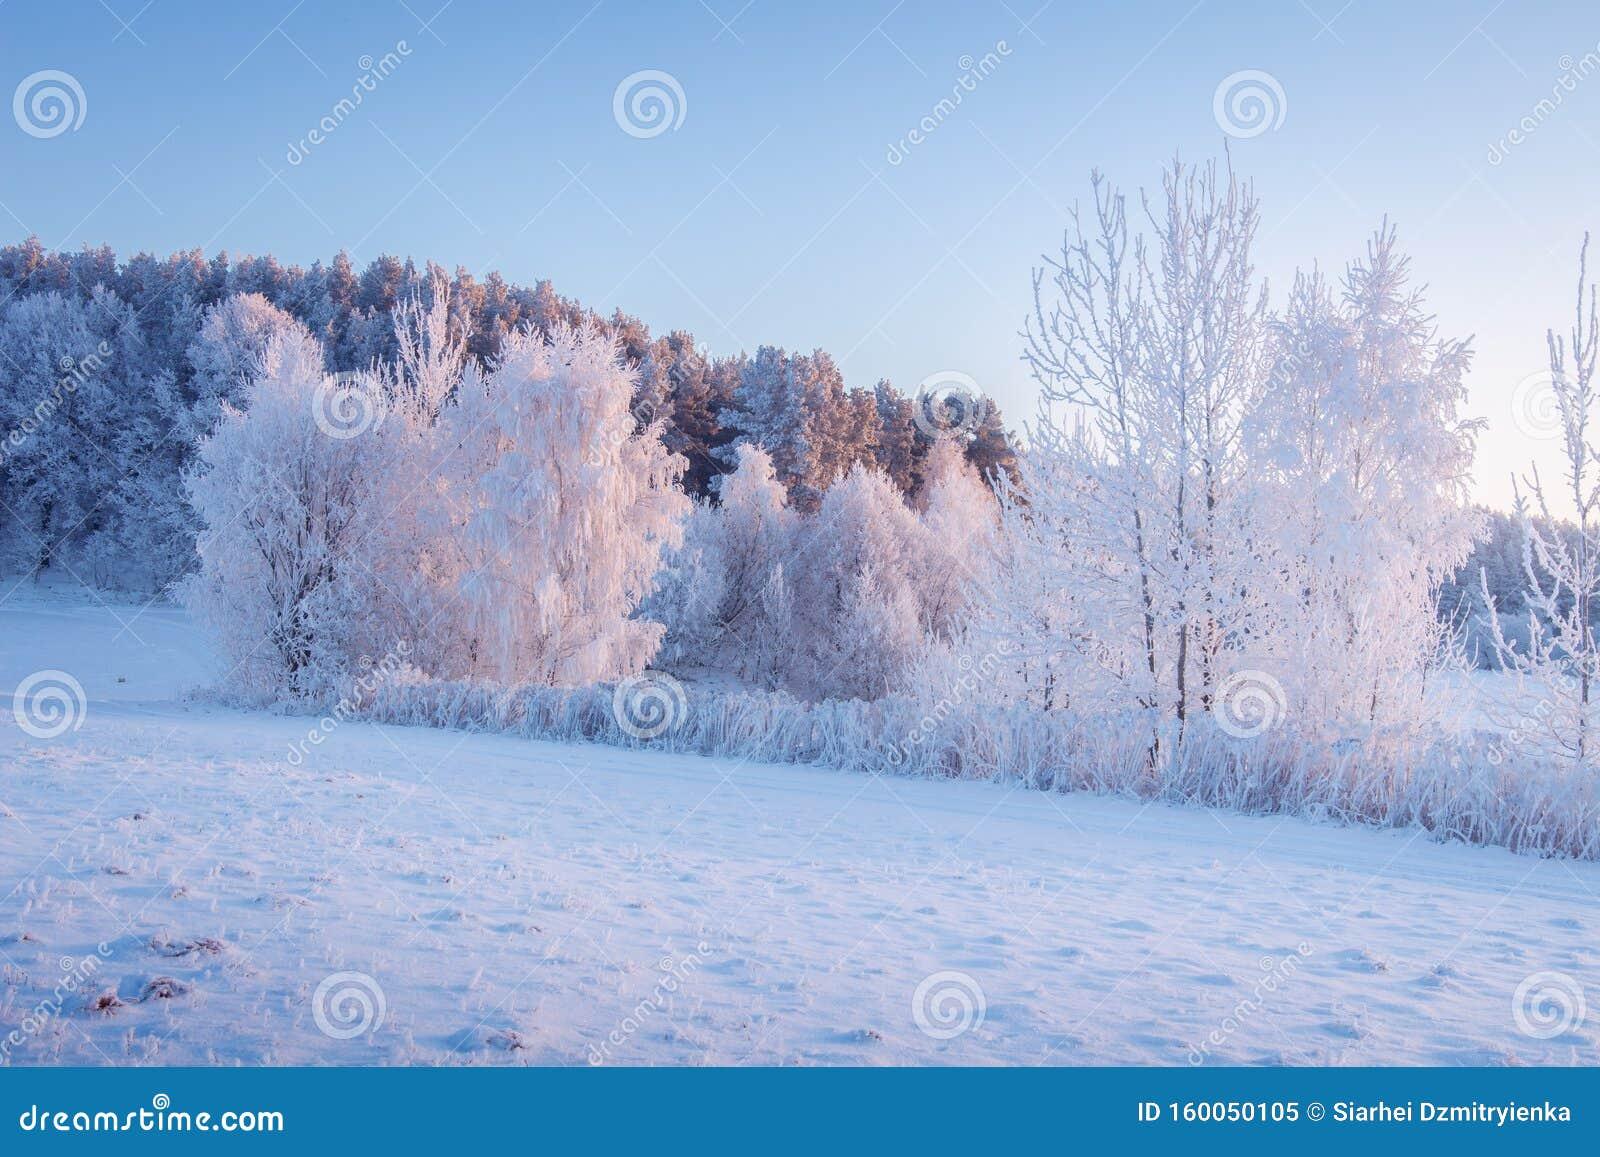 Sc?ne de l hiver. Frost et neige le matin. Paysage hivernal enneigé au soleil matinal. Belle nature gelée